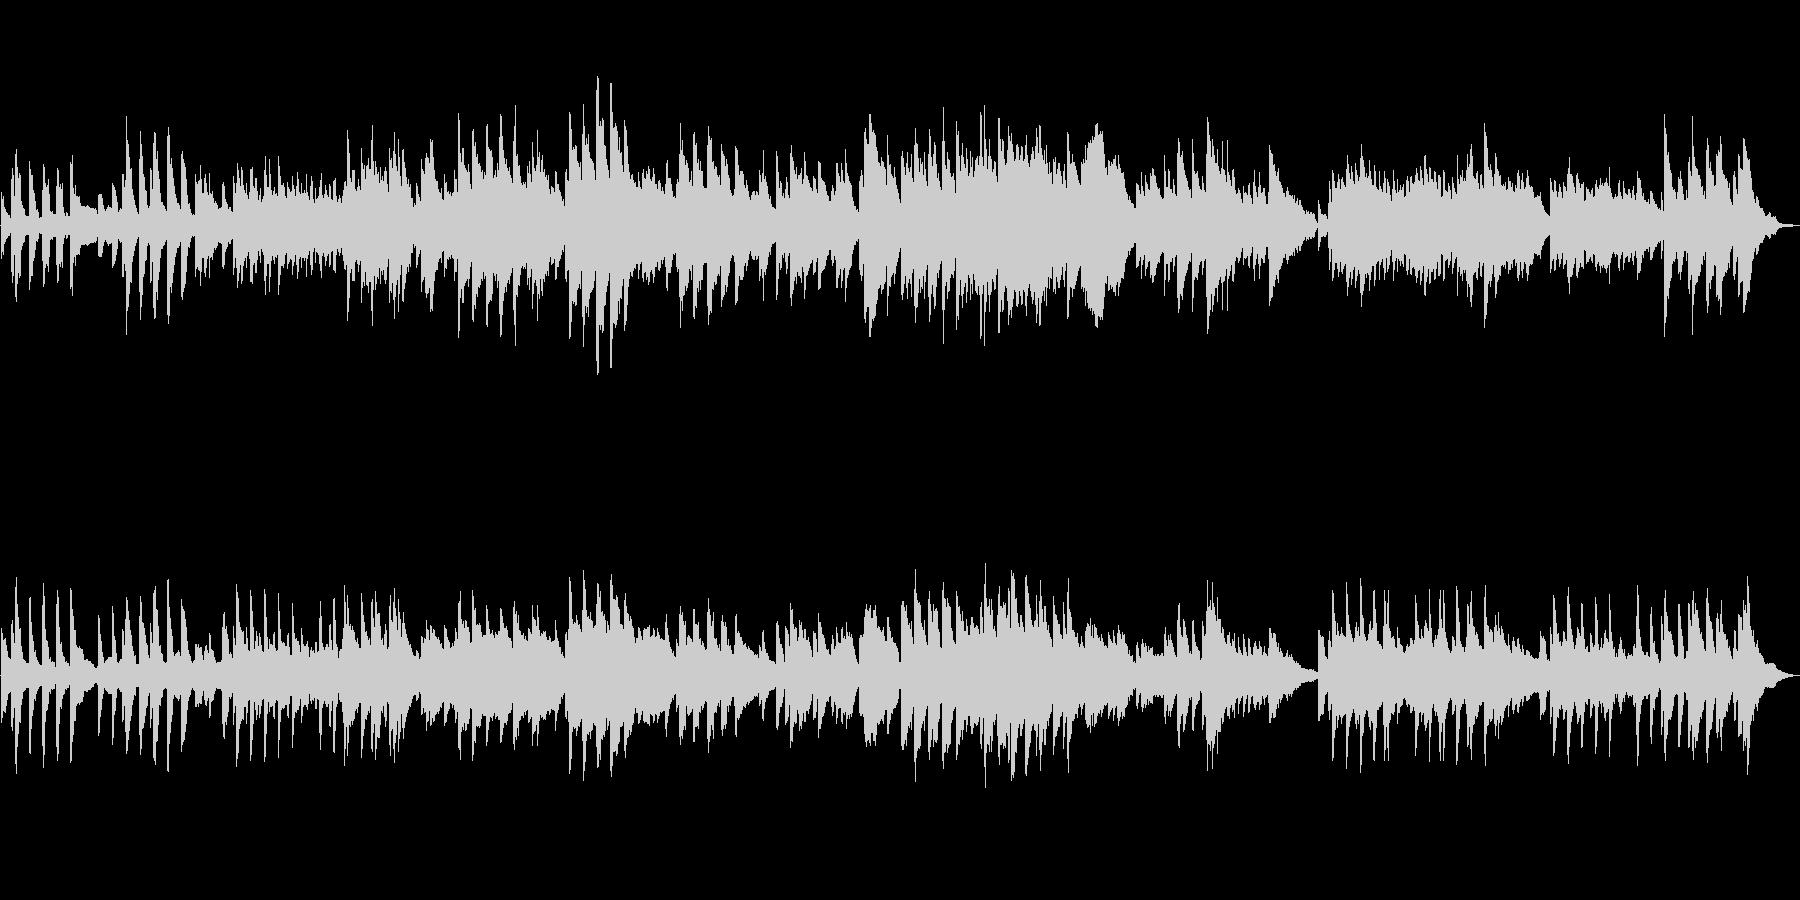 クラシック風のシンプルなピアノソロの作品の未再生の波形